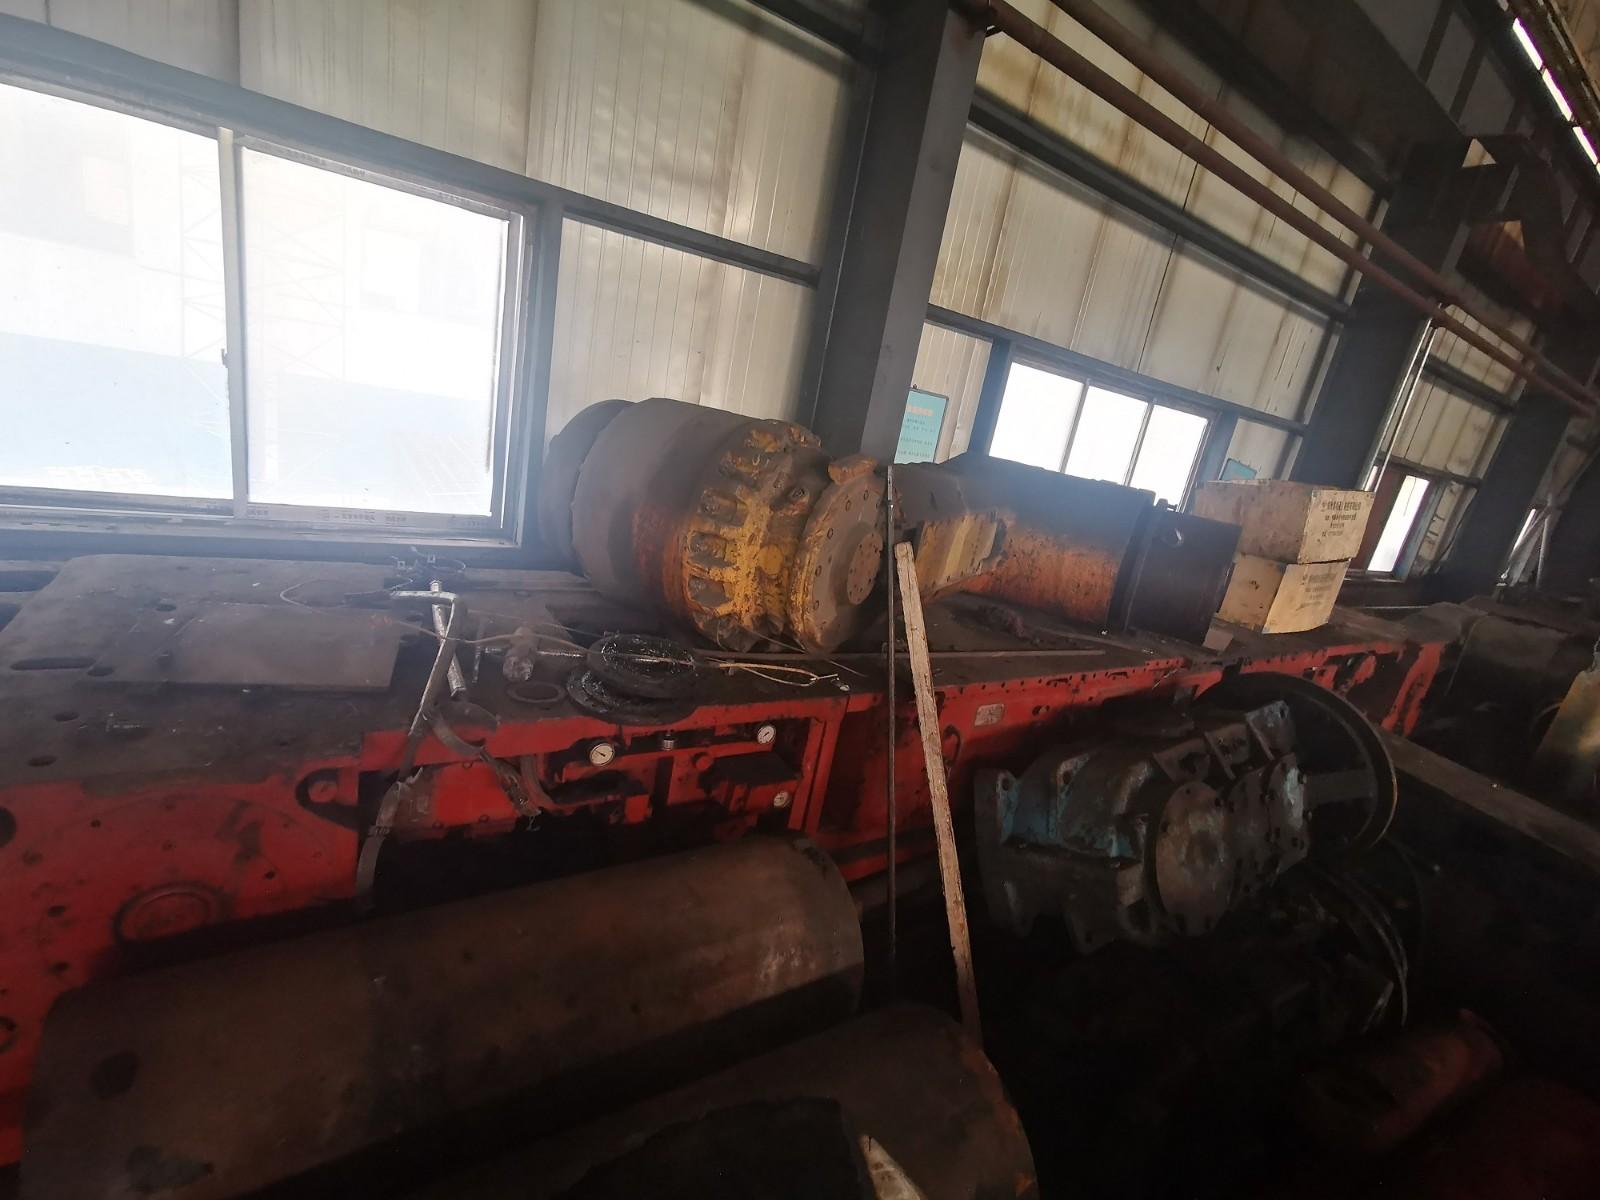 售 二手MGTY300/700-1.1D太矿采煤机